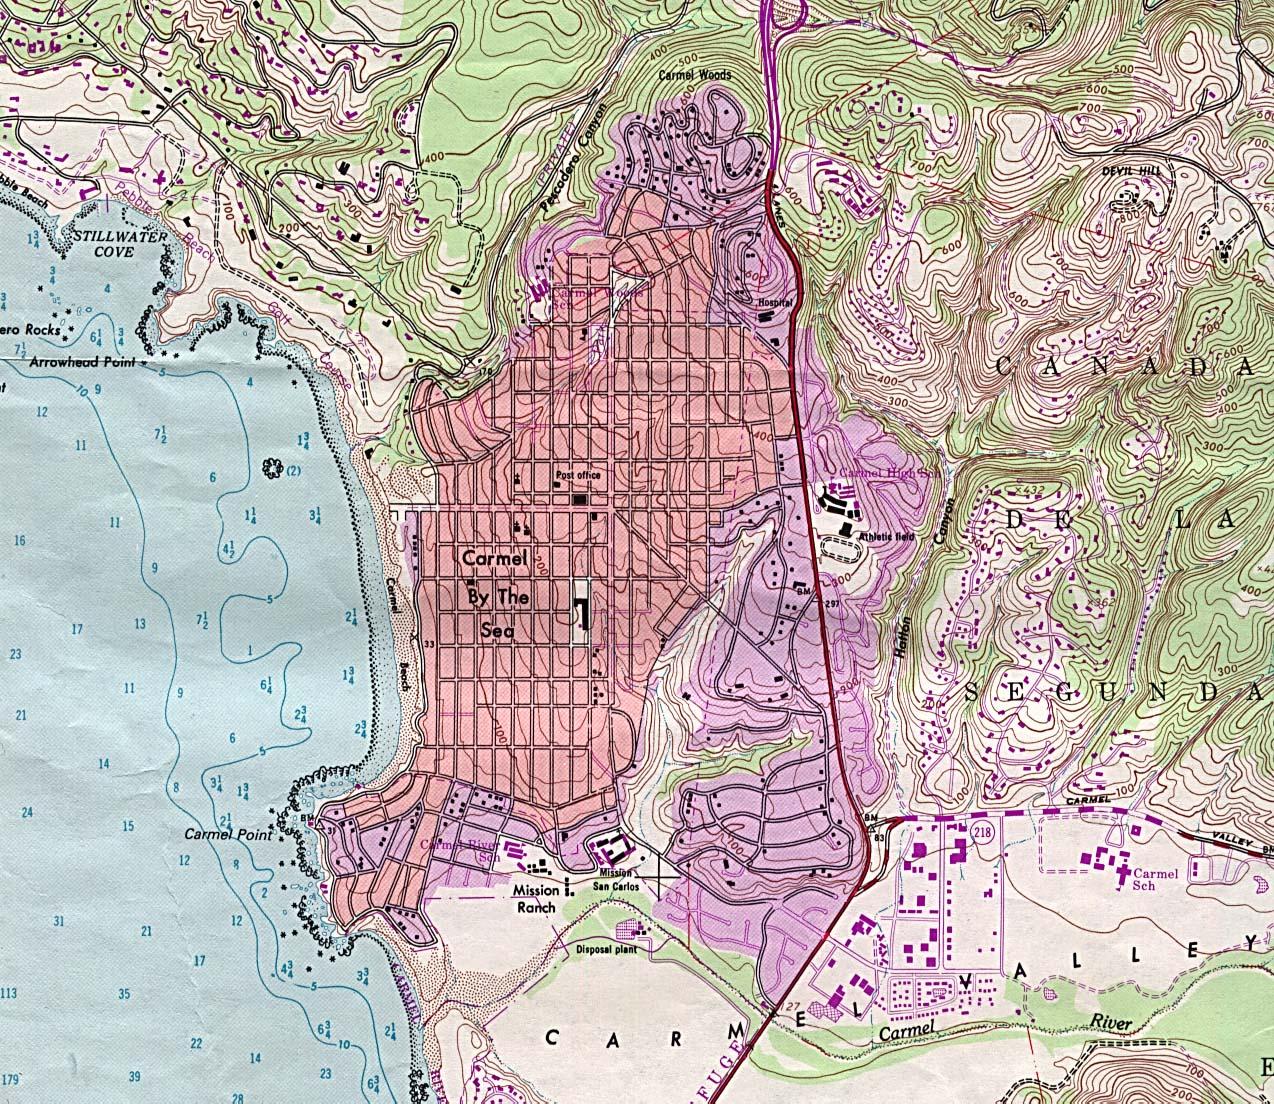 Mapa Topográfico de la Ciudad de Carmel by The Sea, California, Estados Unidos